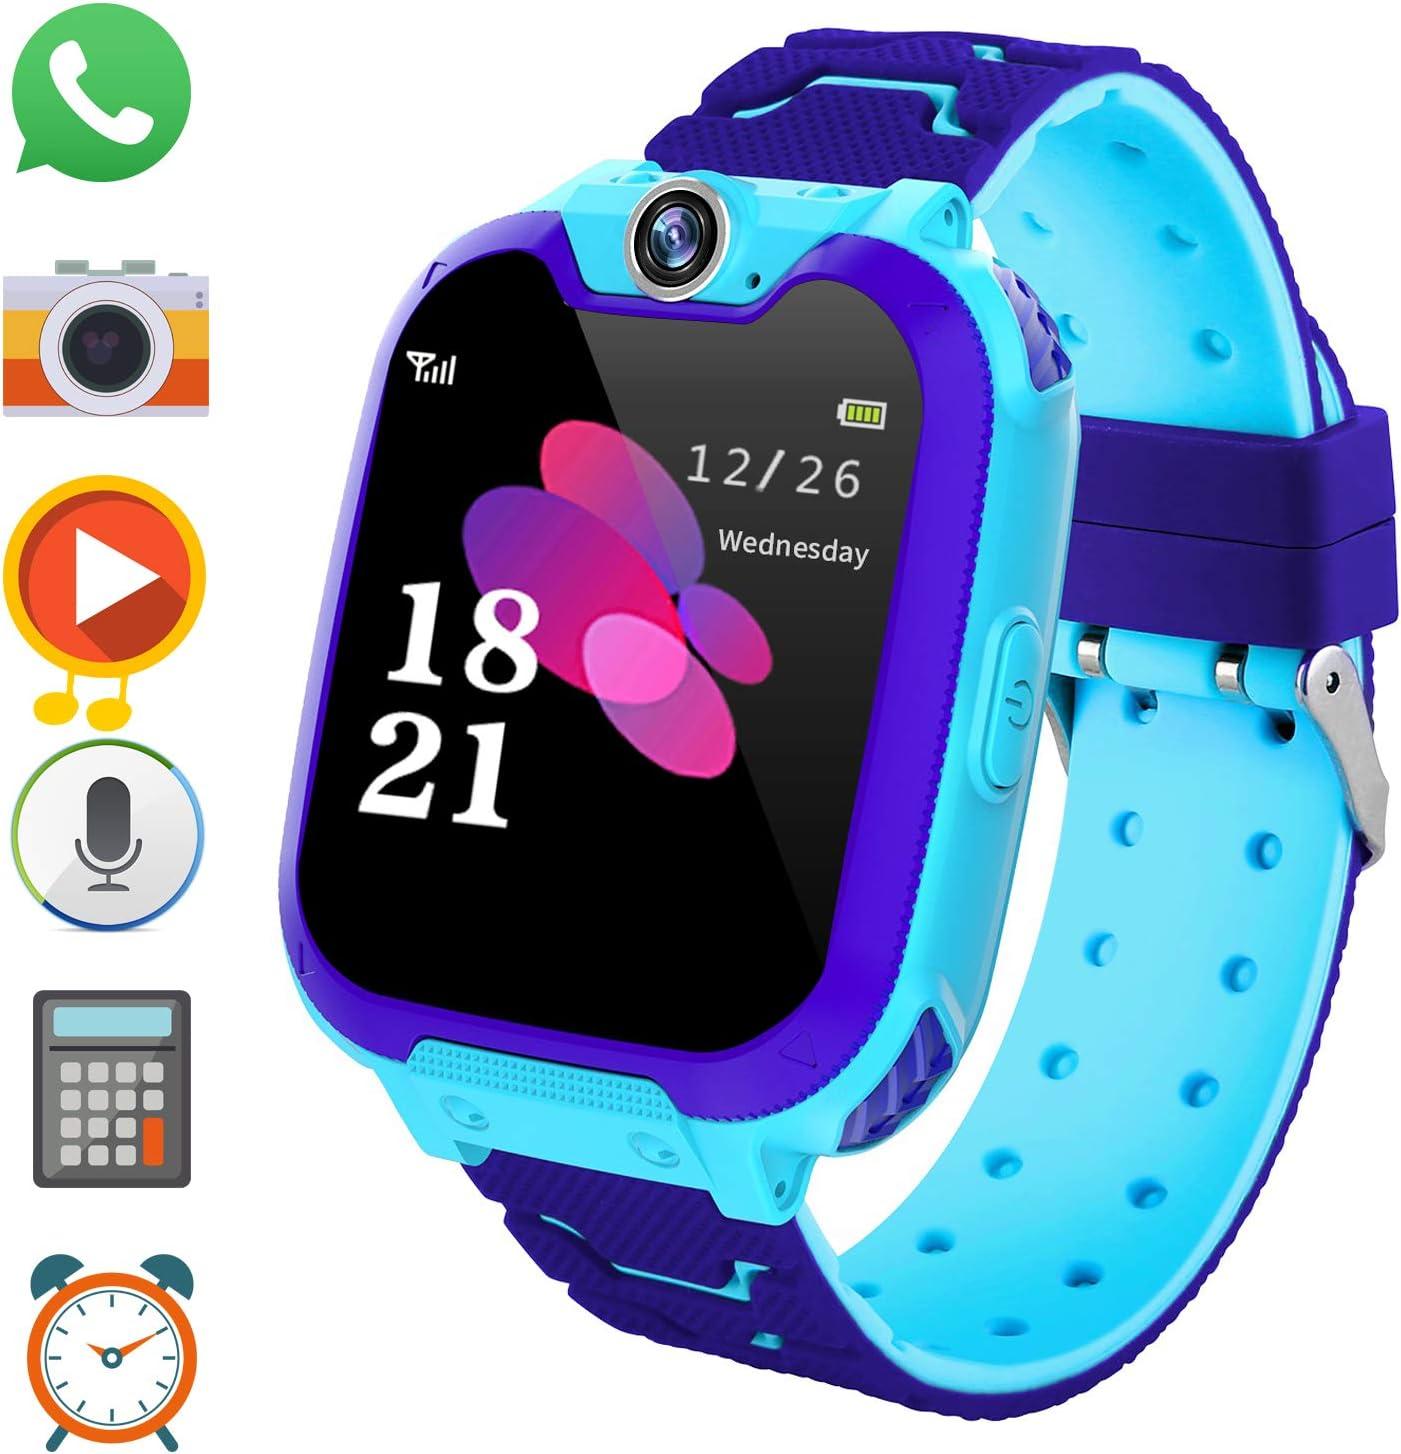 PTHTECHUS Reloj Inteligente para Juegos Infantiles con MP3 Player - [1GB Micro SD Incluido] Llamada de Pantalla táctil de 2 vías Juego de Alarma cámara Reloj Regalo de Juguete de cumpleaños (Azul)